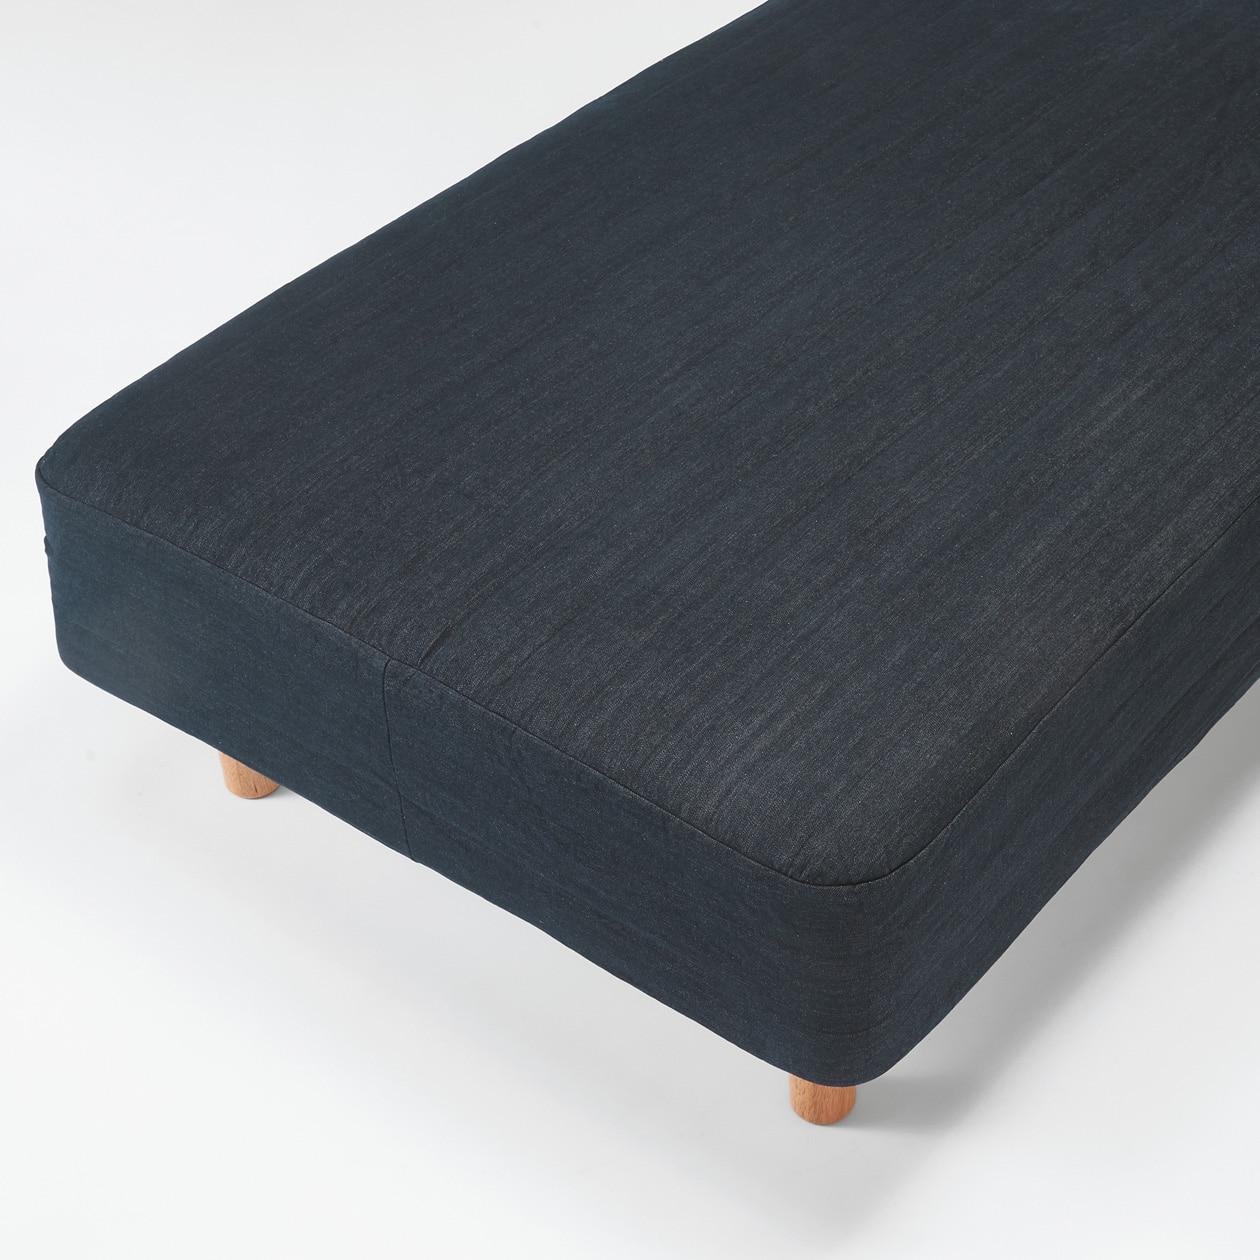 洗いざらしの綿デニム脚付マットレス用カバー・シングル・ネイビー